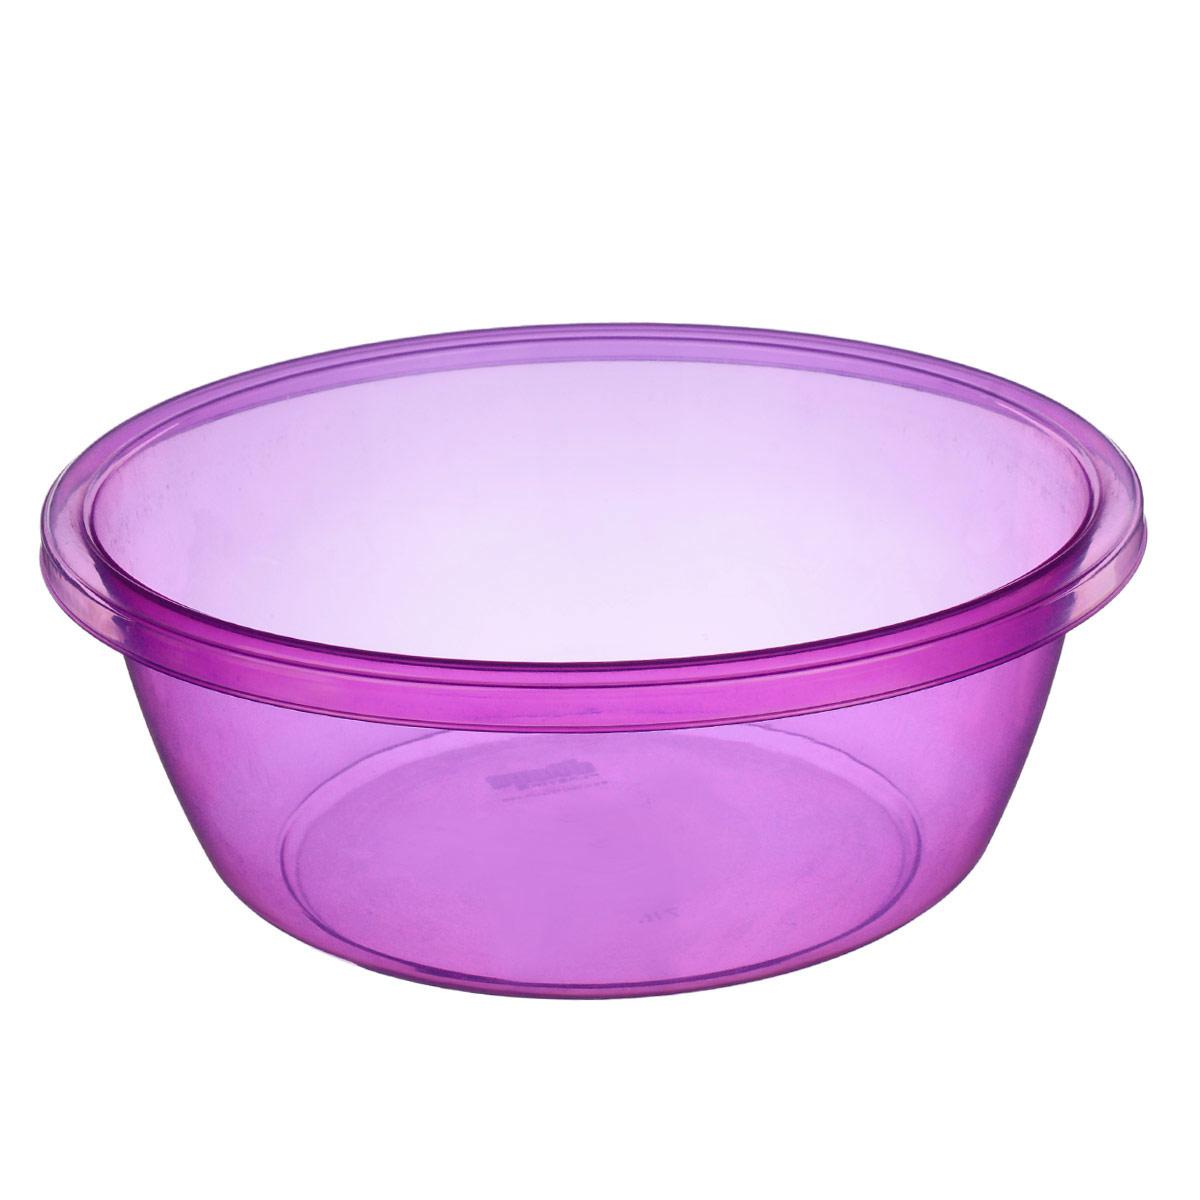 Таз Dunya Plastik, цвет: фиолетовый, 7 л. 1033510335 фиолетовыйТаз Dunya Plastik выполнен из прочного прозрачного пластика. Он предназначен для стирки и хранения разных вещей. По краю имеются углубления, которые обеспечивают удобный захват. Такой таз пригодится в любом хозяйстве.